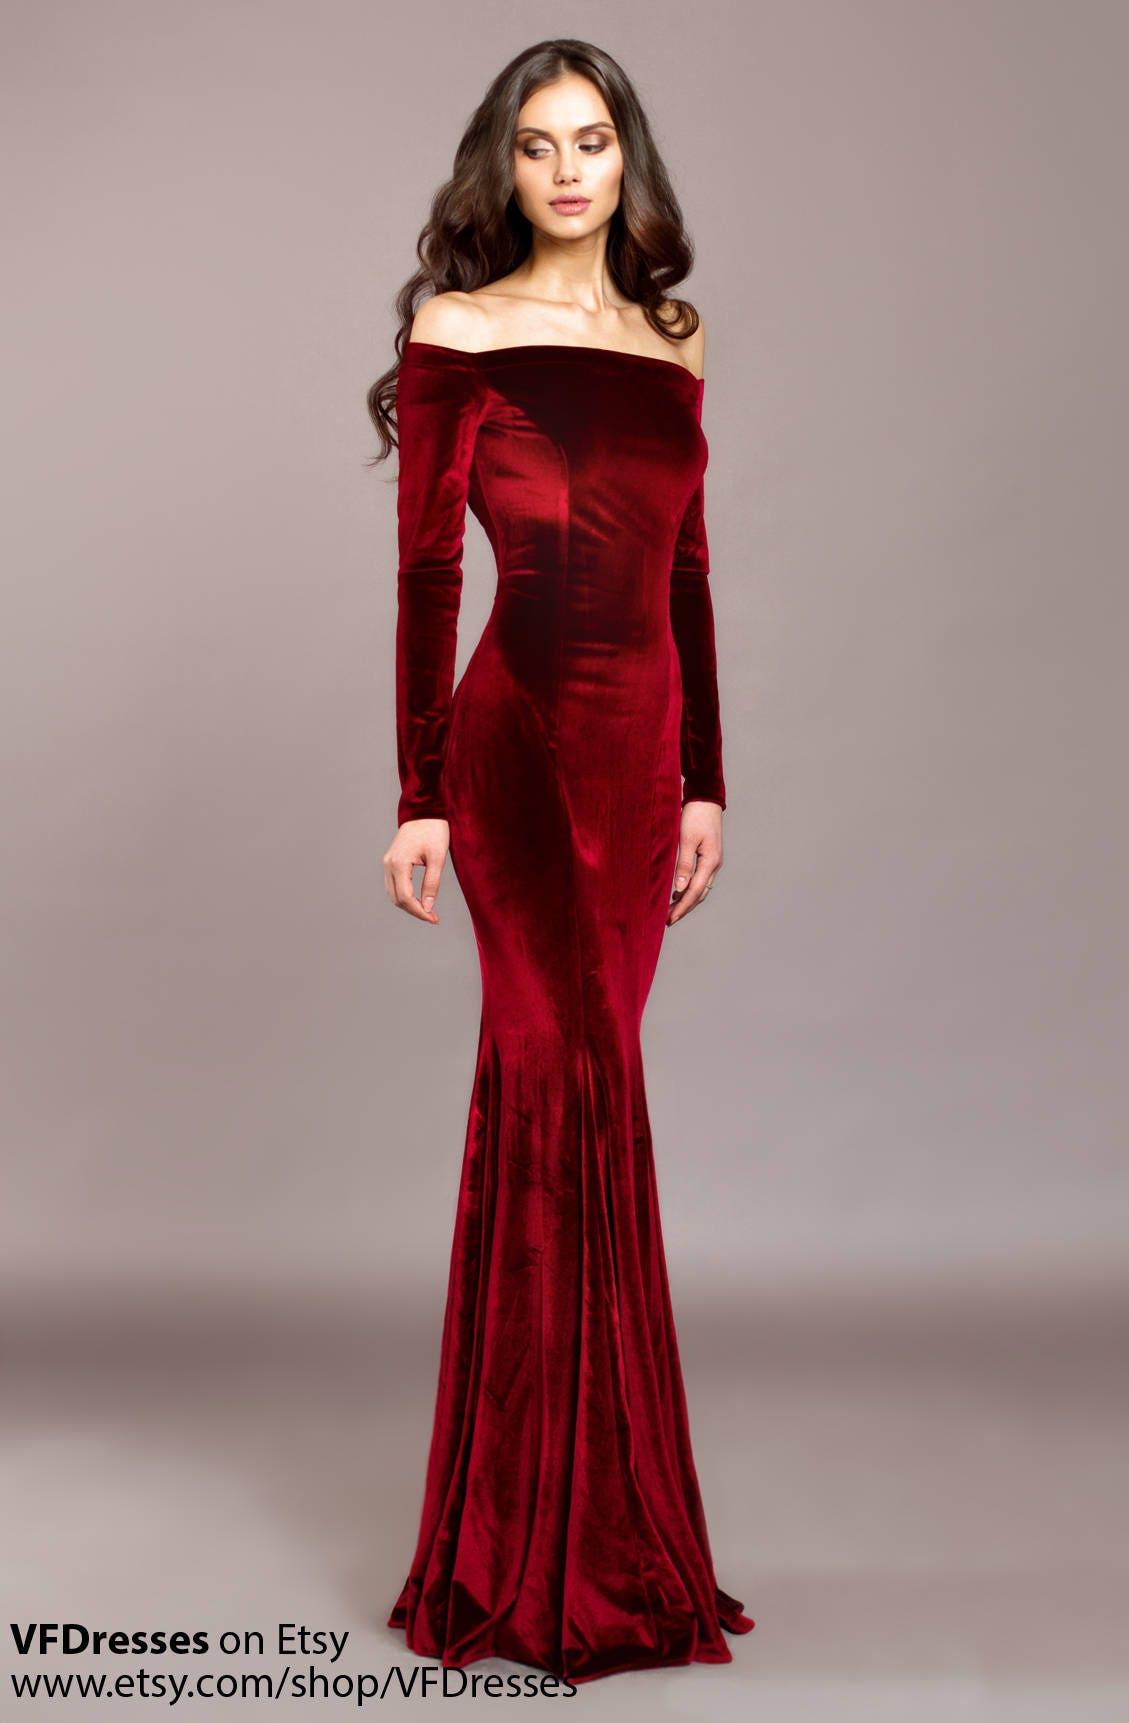 Burgunder samt Burgund Kleid besonderen Anlass Kleid Sexy